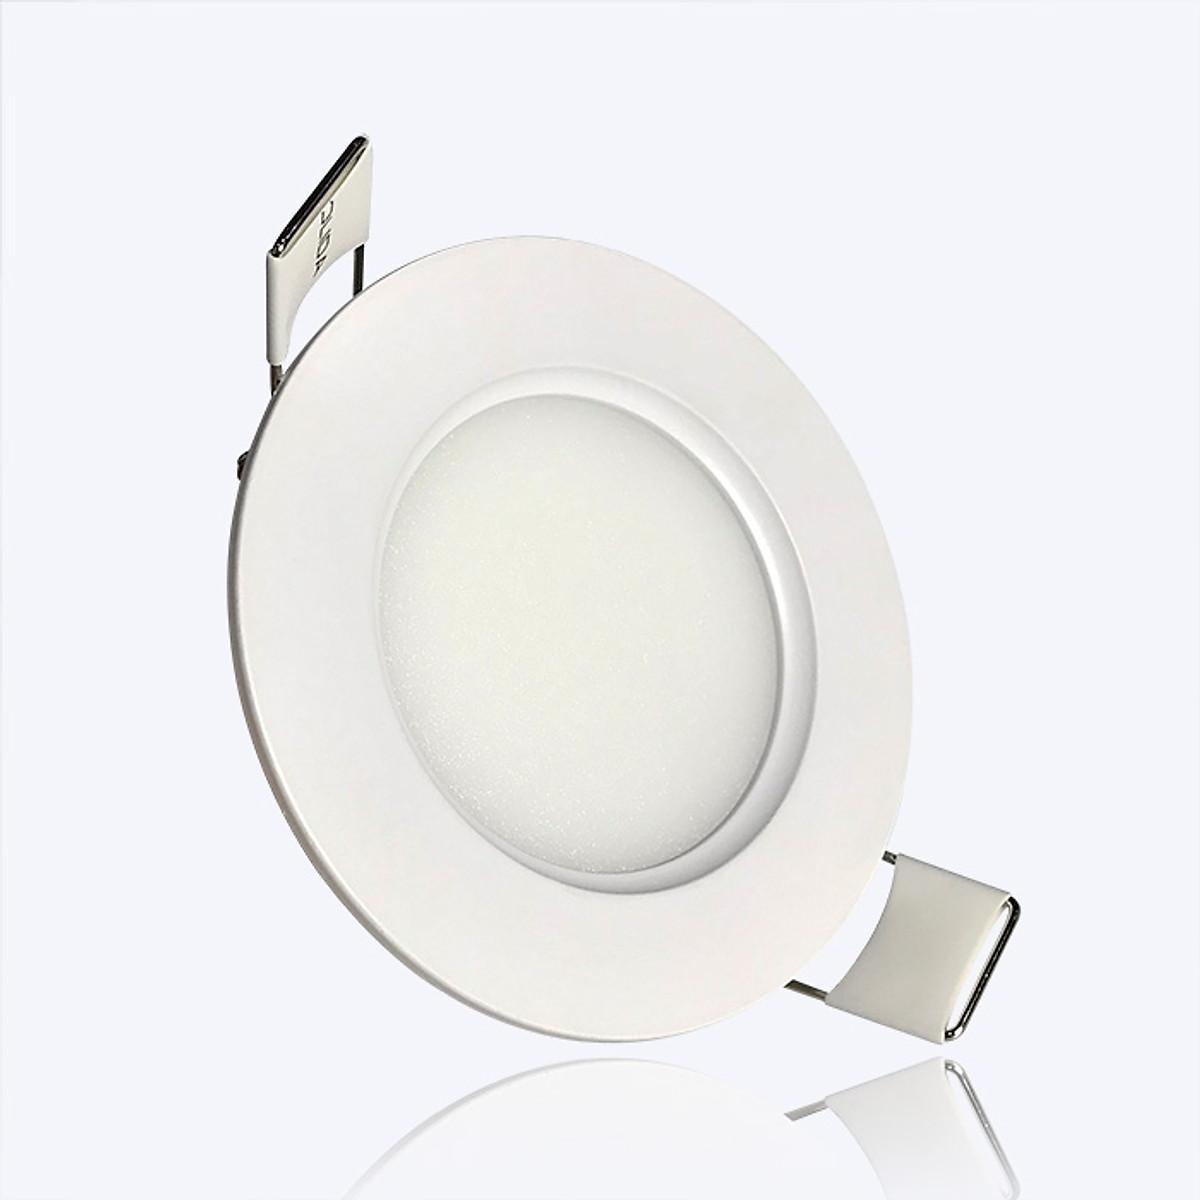 Đèn LED âm trần tròn 3W ENA Vietnam